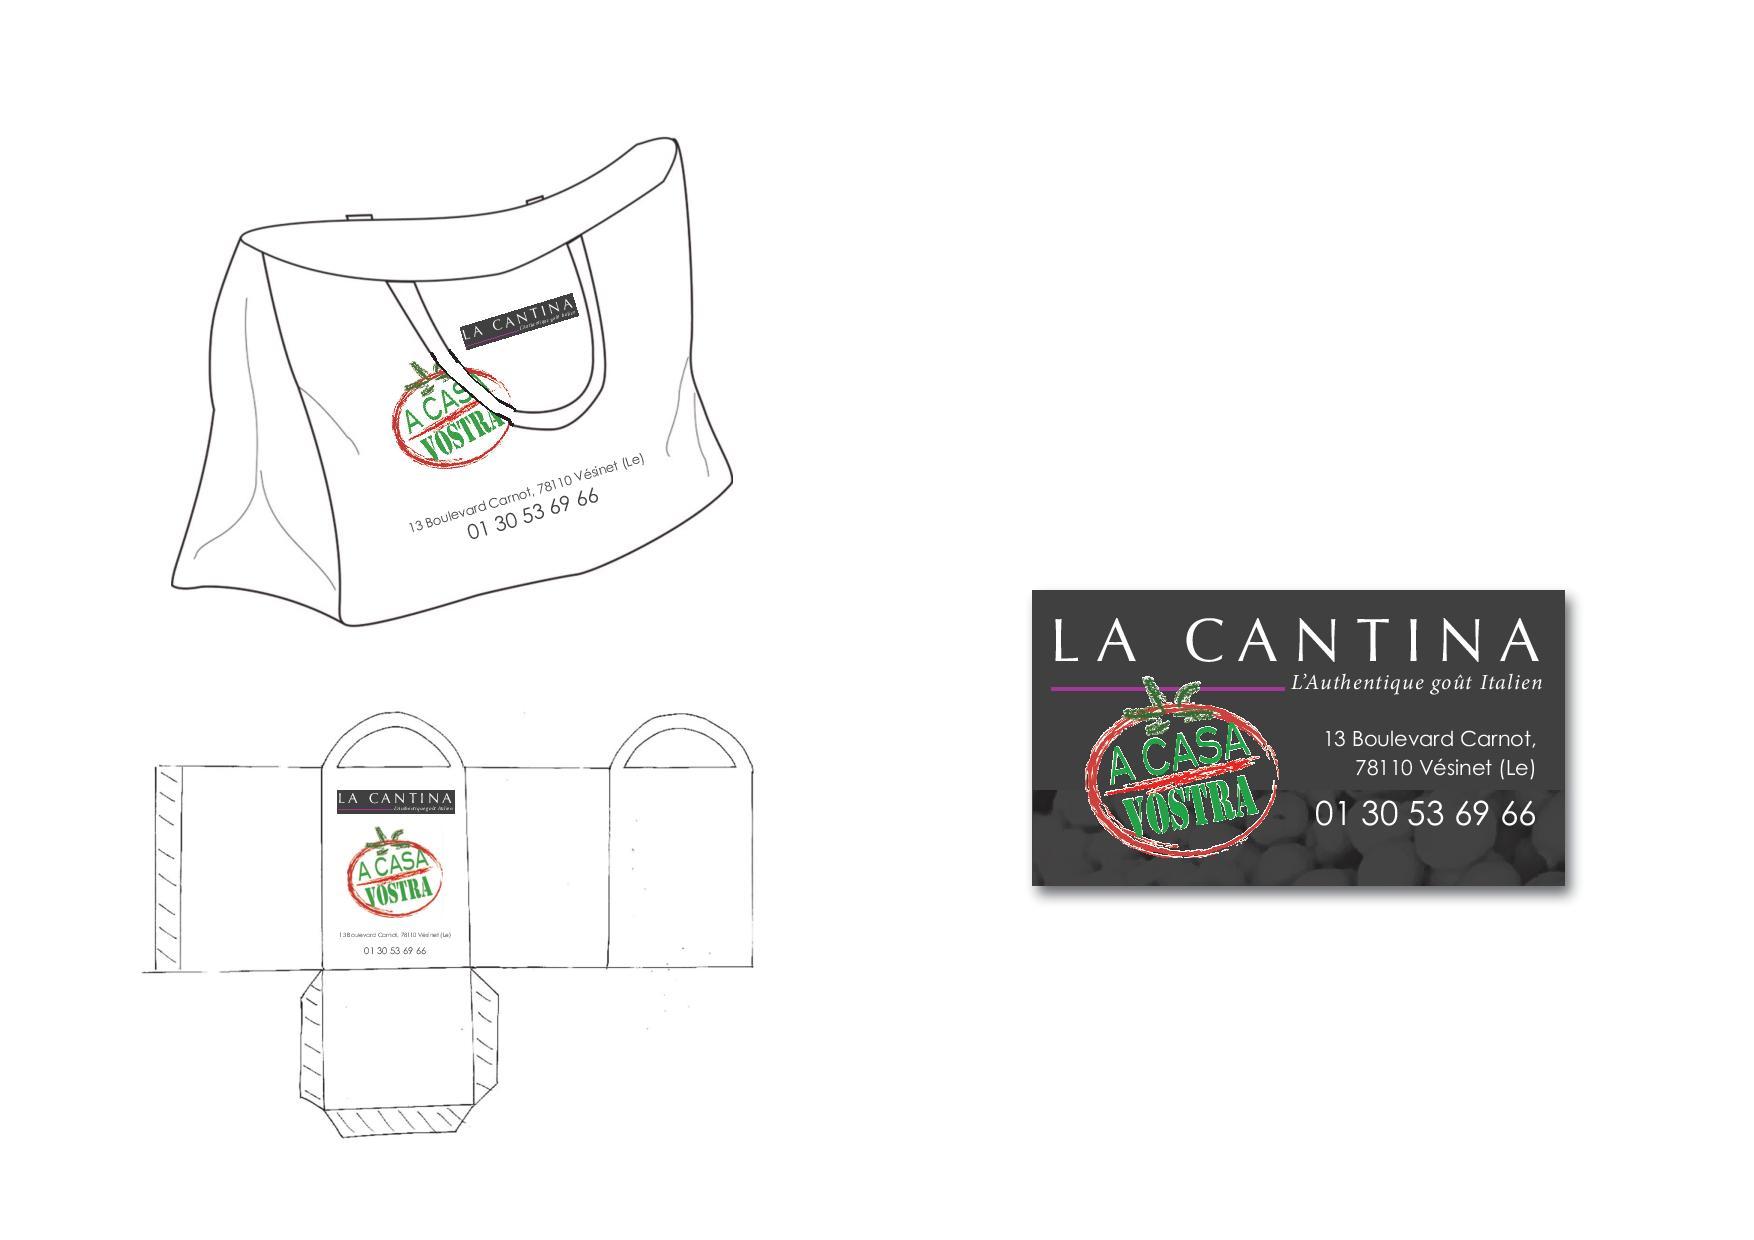 Cartes et plcmt sac EMPORTER-page-001